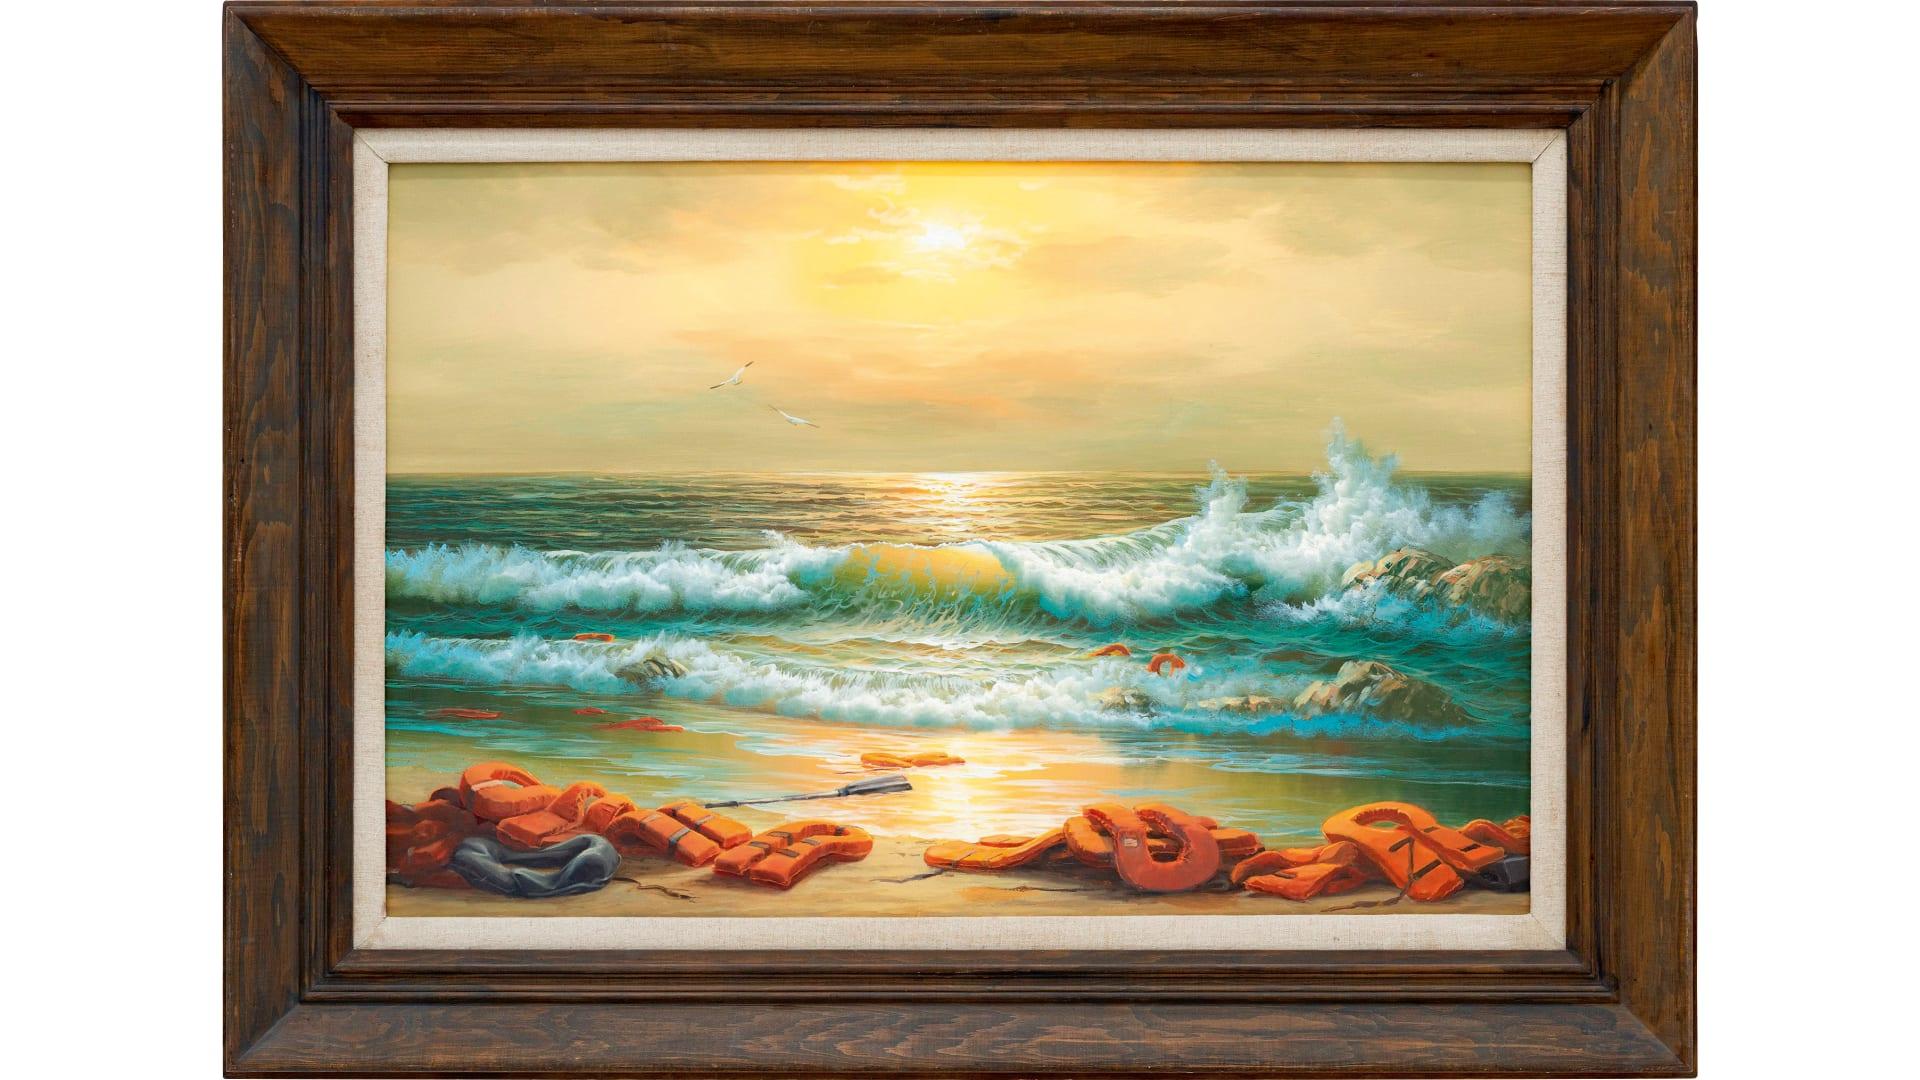 بمبلغ 2.9 مليون دولار..بانكسي يتبرع بريع مزاد أحد أعماله الفنية لصالح مستشفى فلسطيني